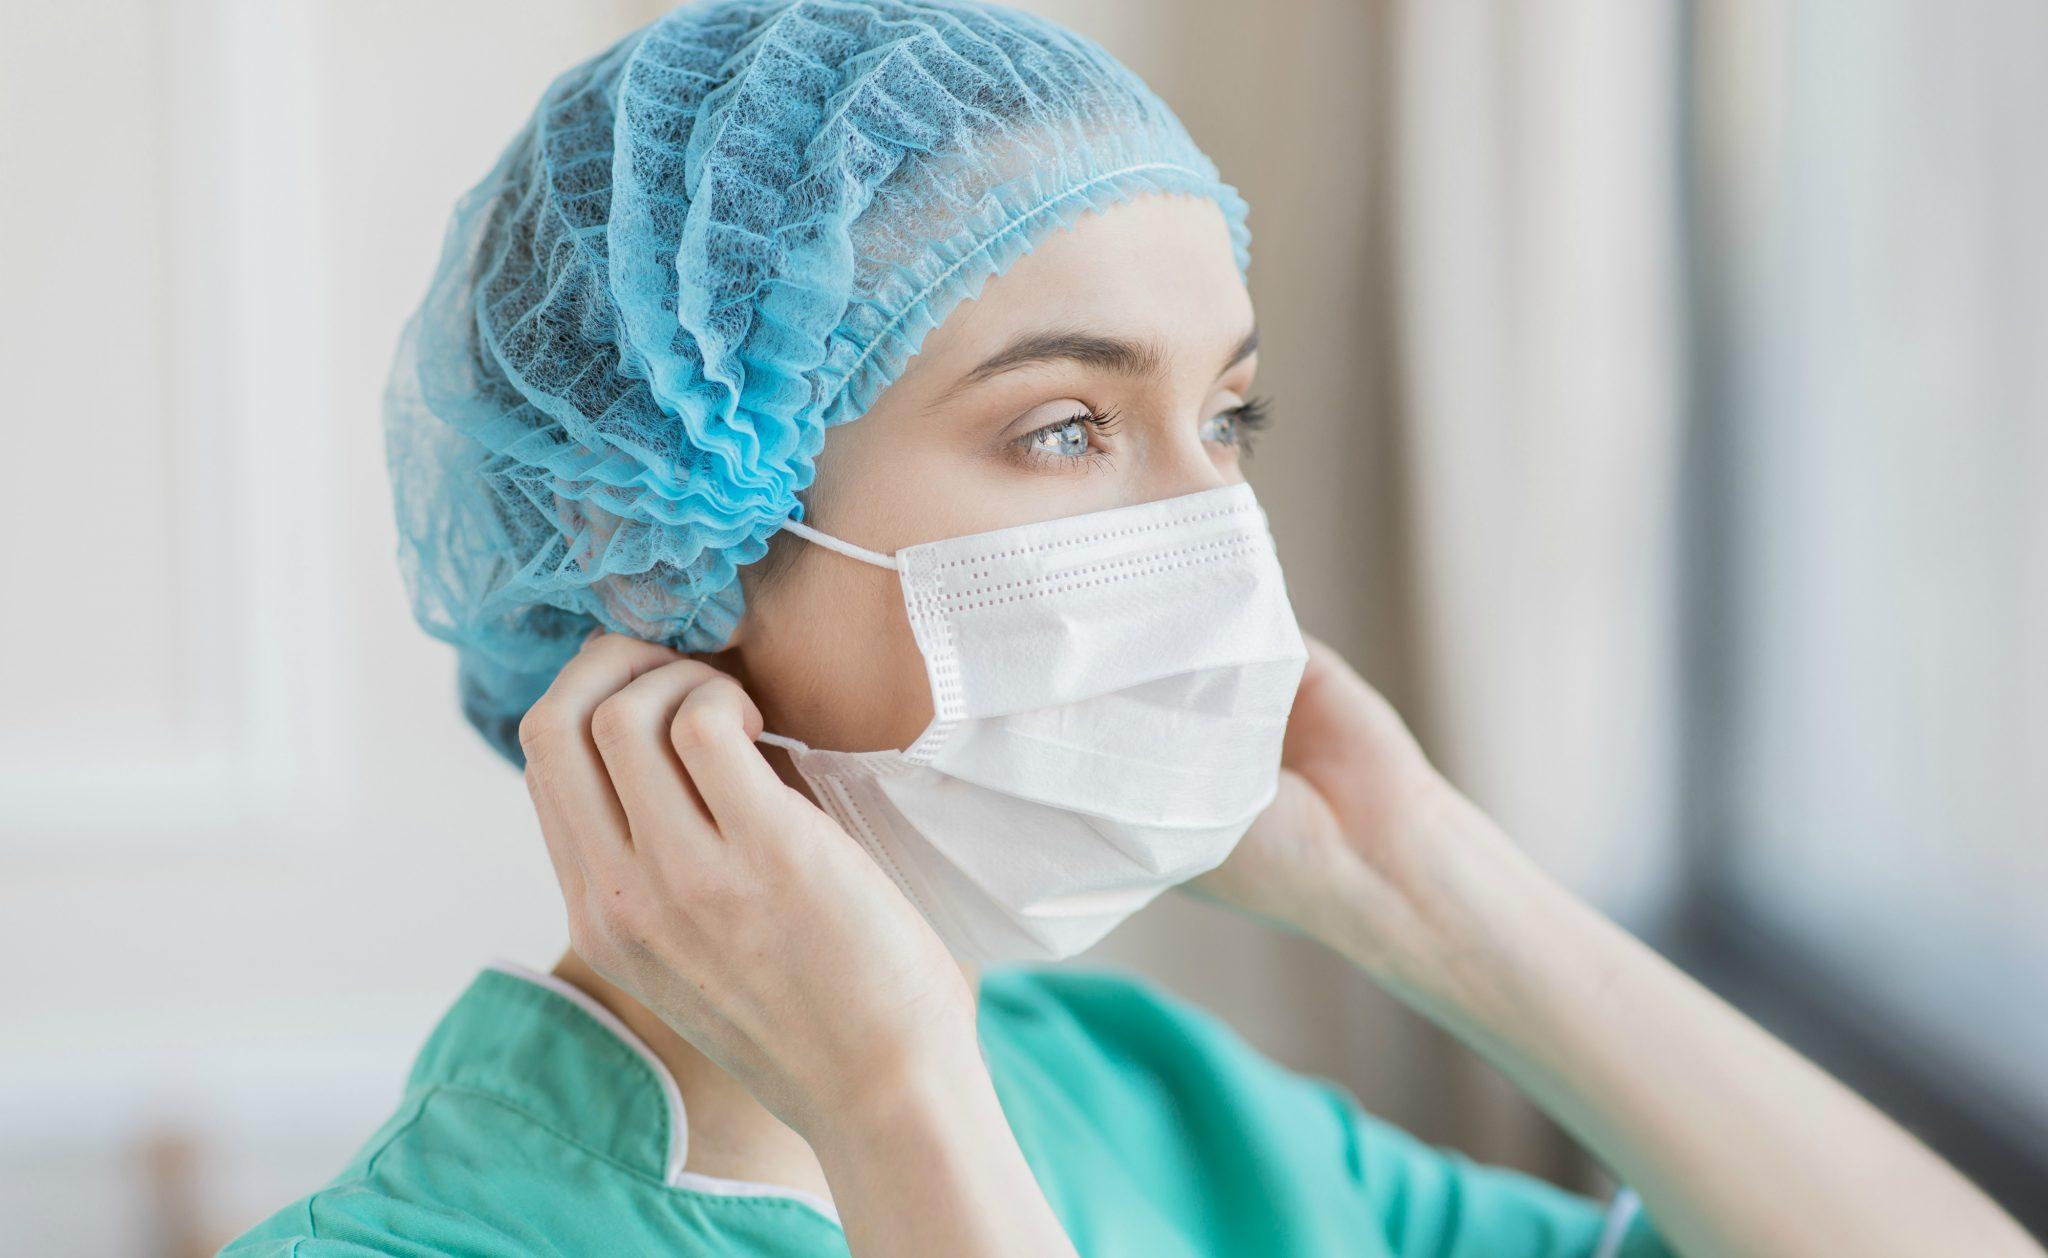 Milhões de máscaras foram compradas pelo Ministério da Saúde